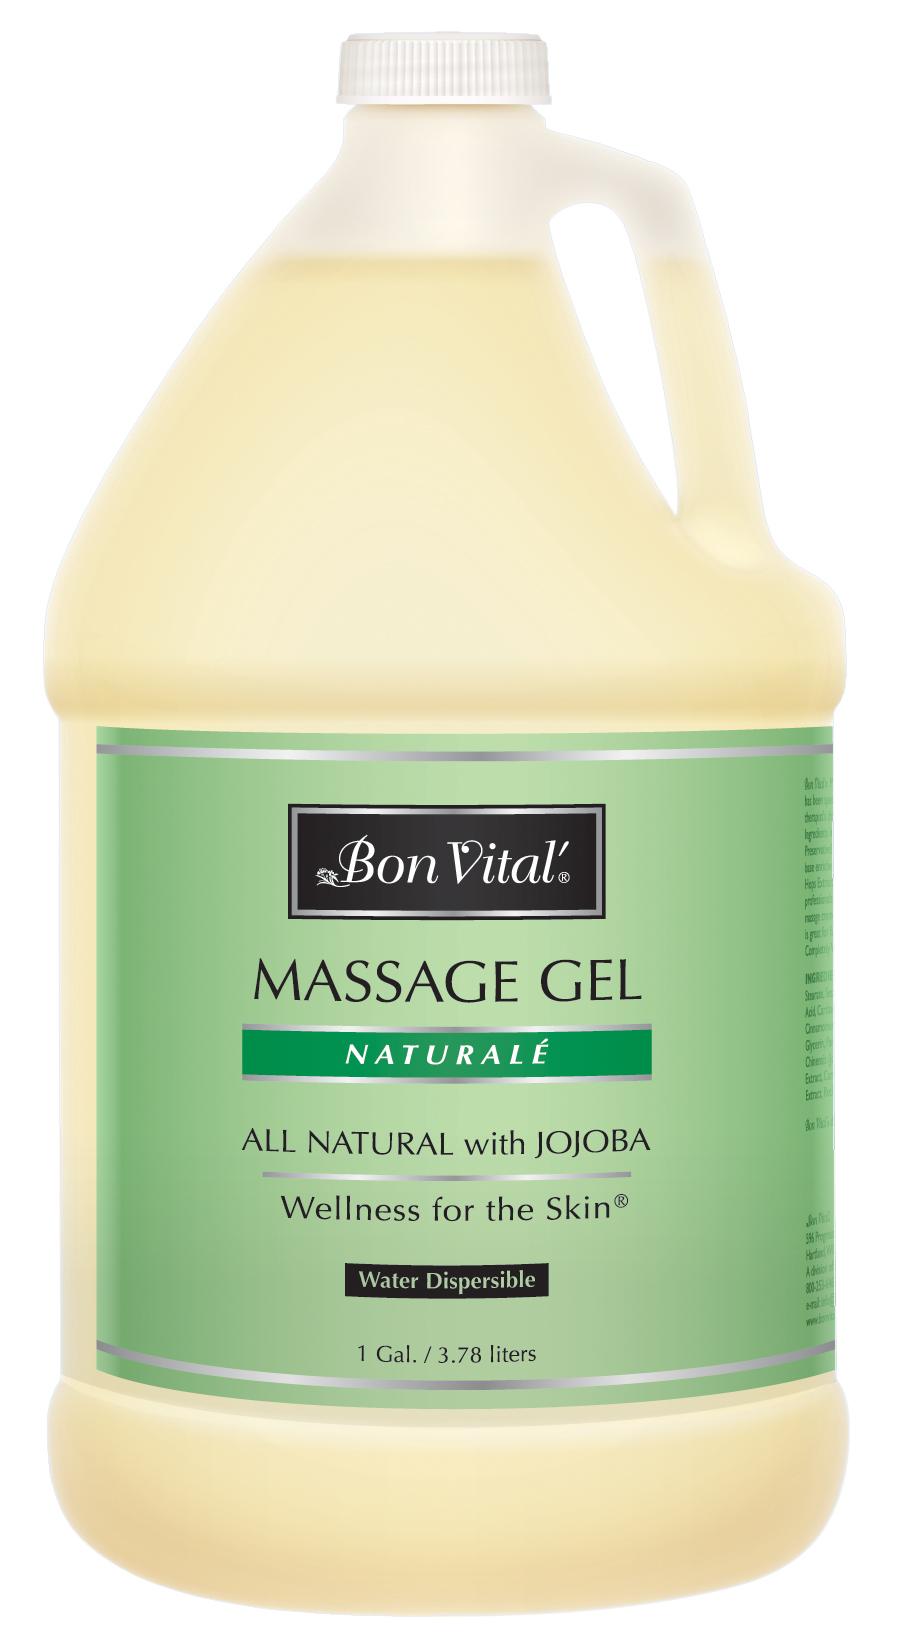 natural massage gel 1 gal bon vital 39. Black Bedroom Furniture Sets. Home Design Ideas